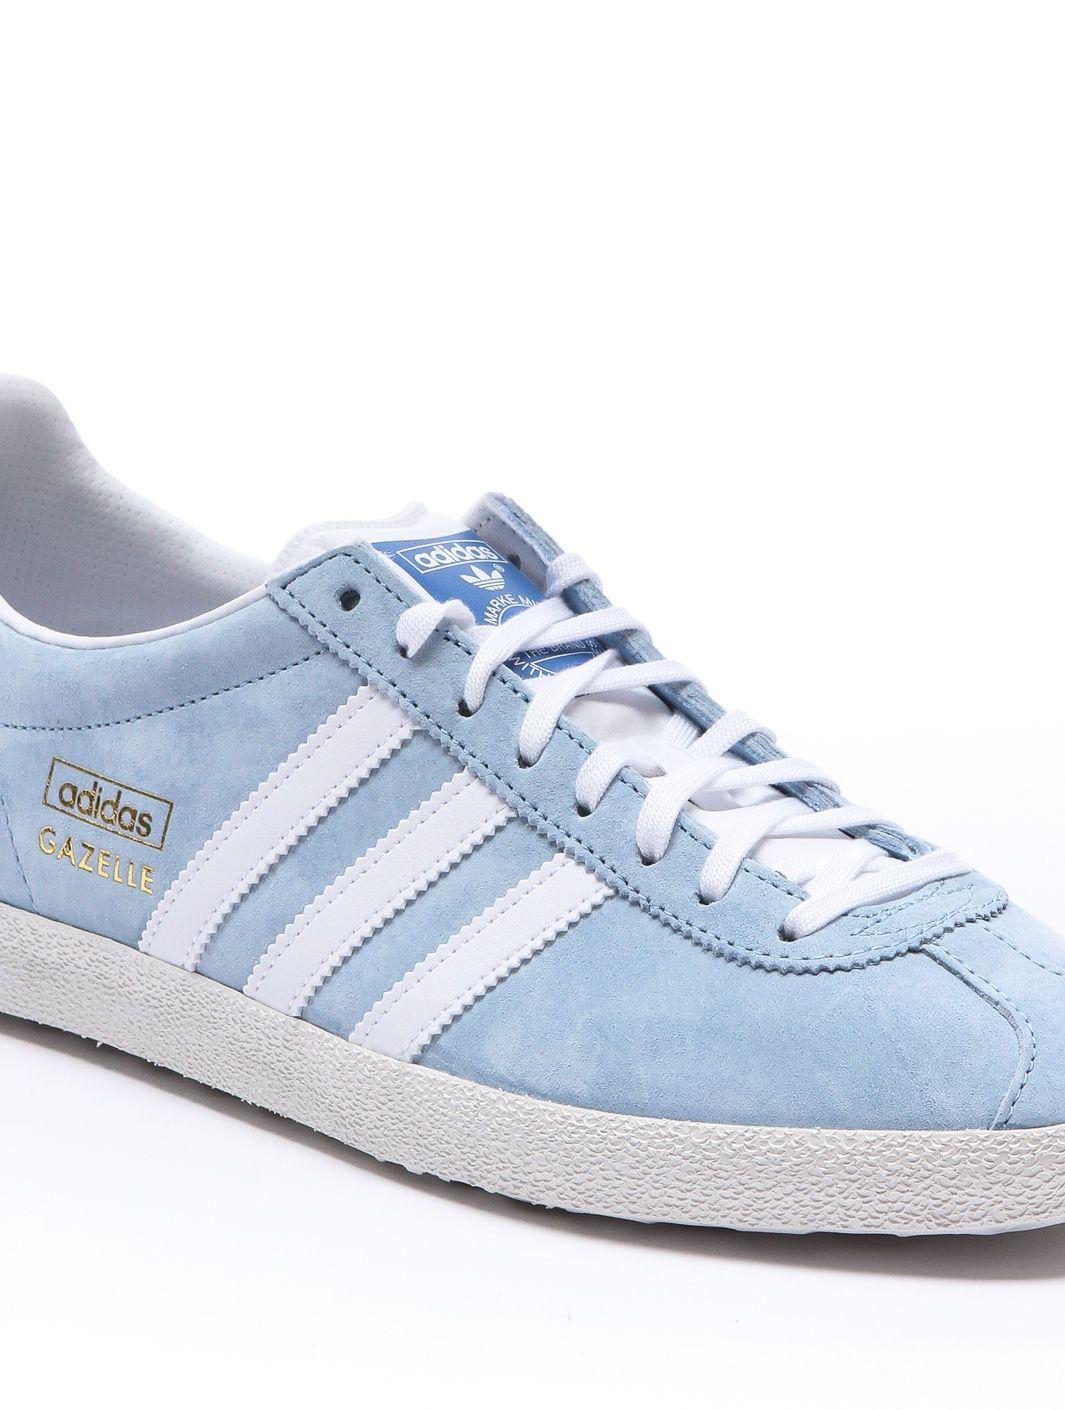 adidas originals gazelle light blue